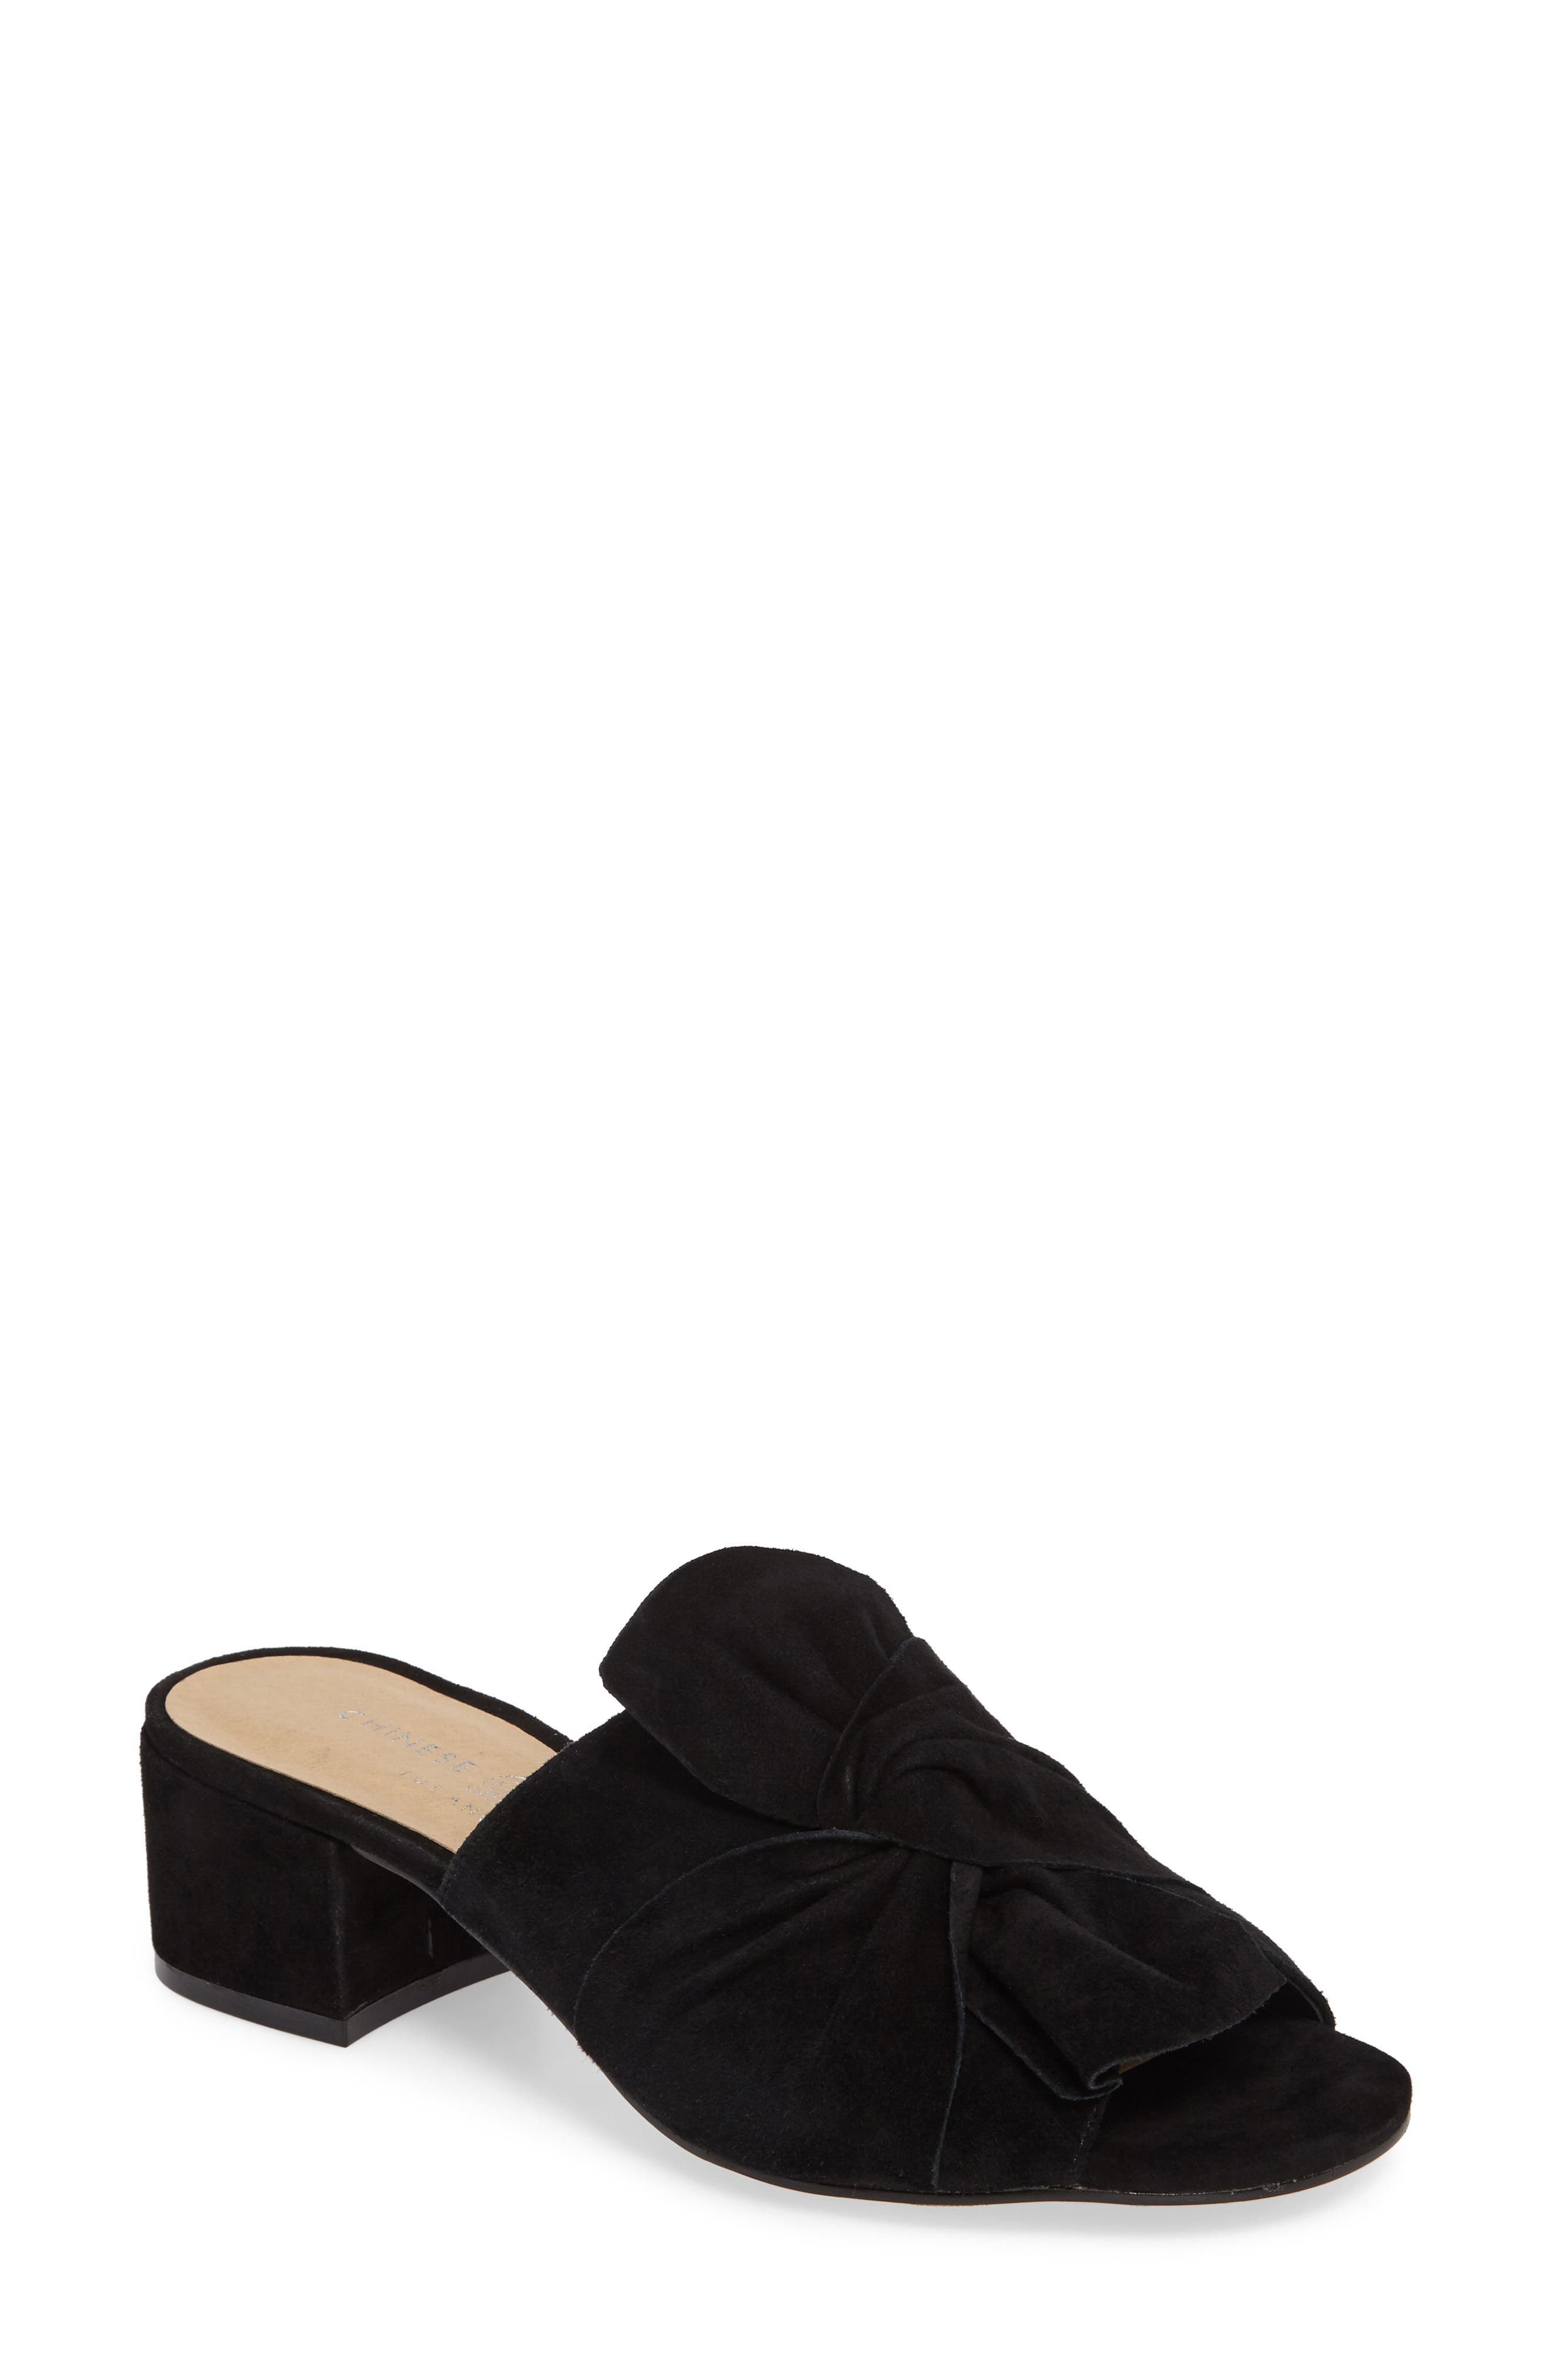 Marlowe Slide Sandal,                             Main thumbnail 1, color,                             001